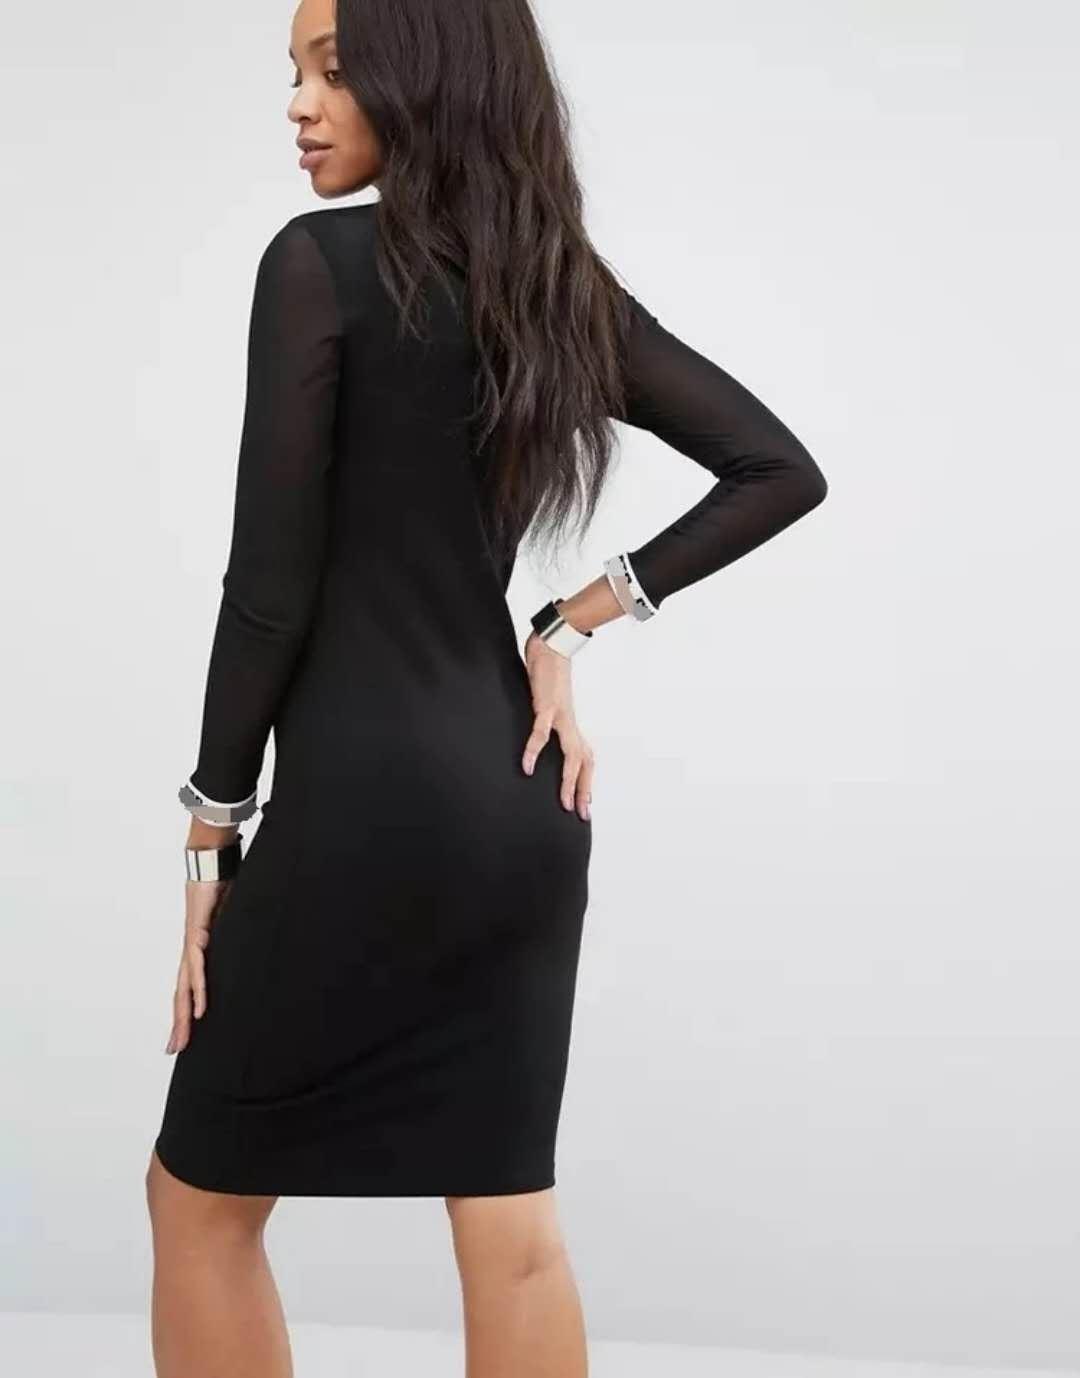 Hot Luxury Damen Designer Sexy Kleider schwarze Farbe der neuen Frauen Kurz Marken-Kleid mit Buchstaben gedruckten P Leopard C0py Kleidung YF203102